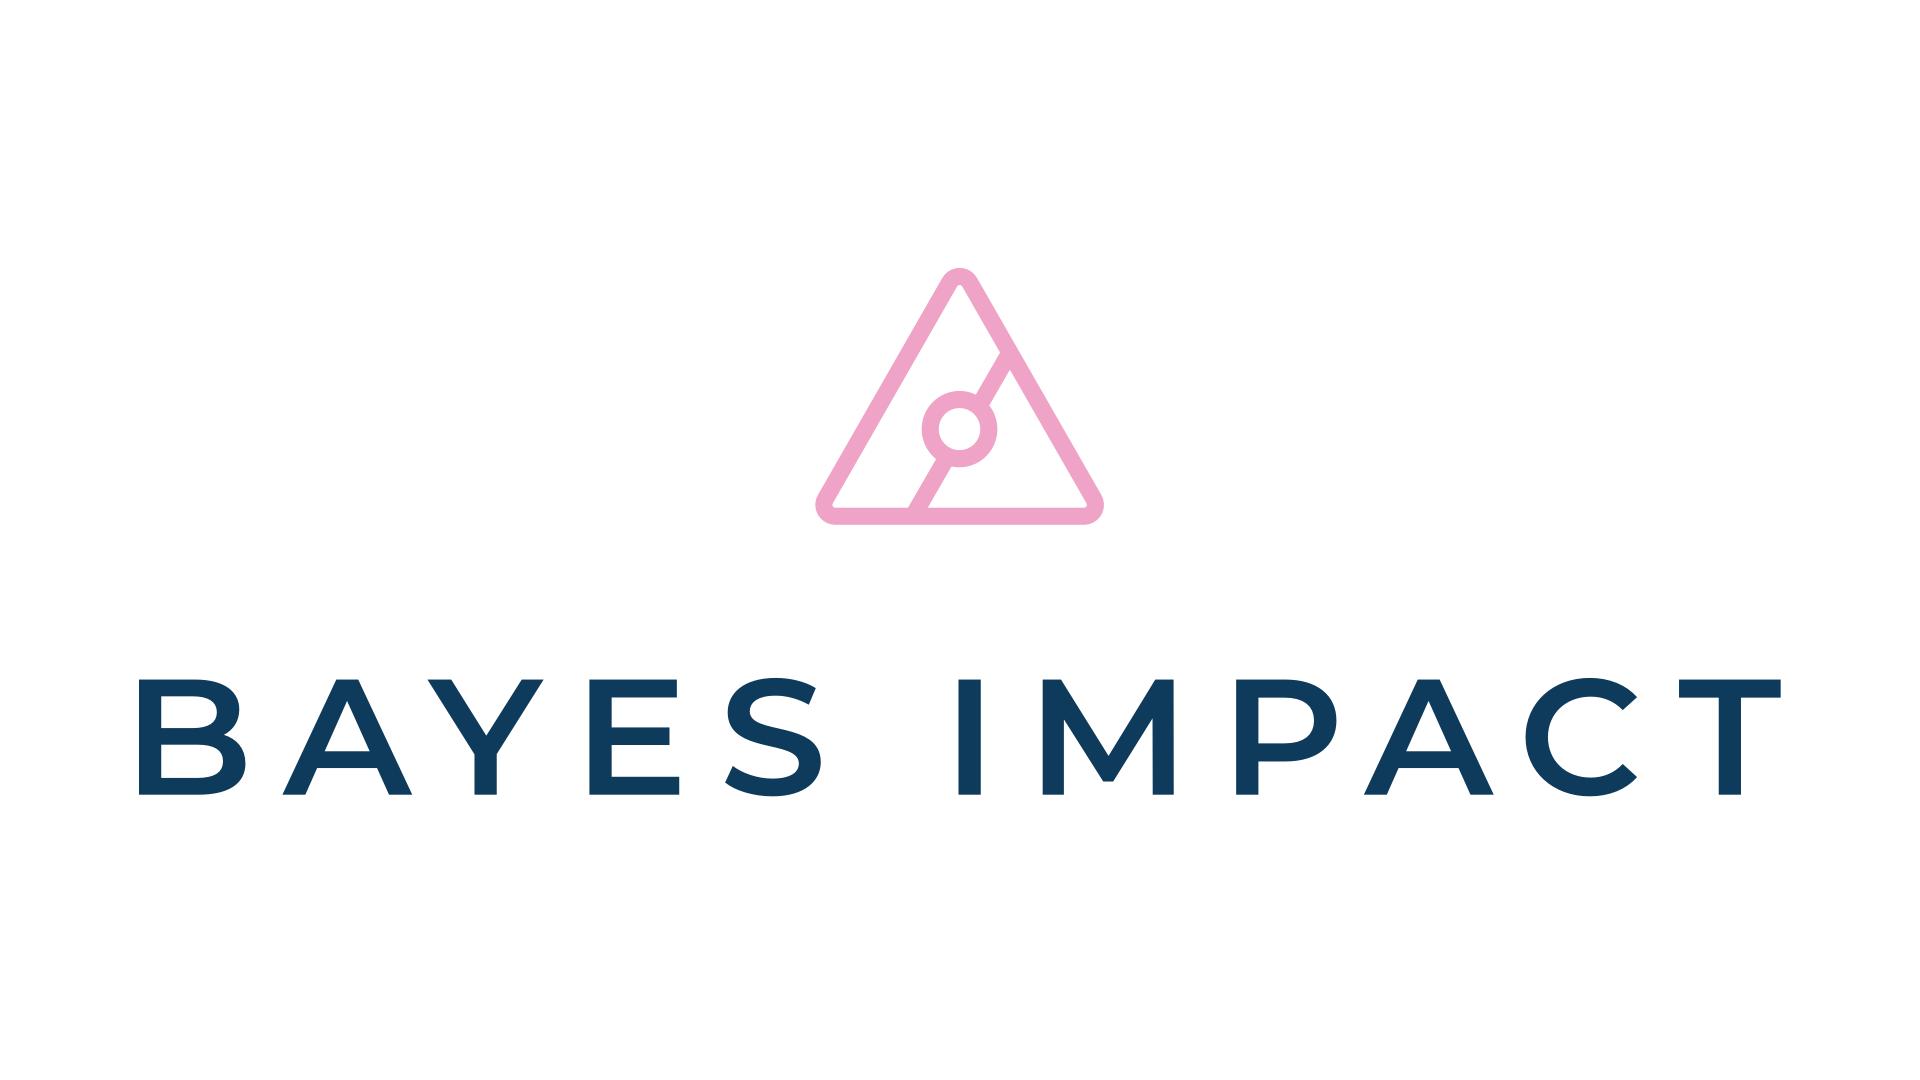 Bayes Impact – France